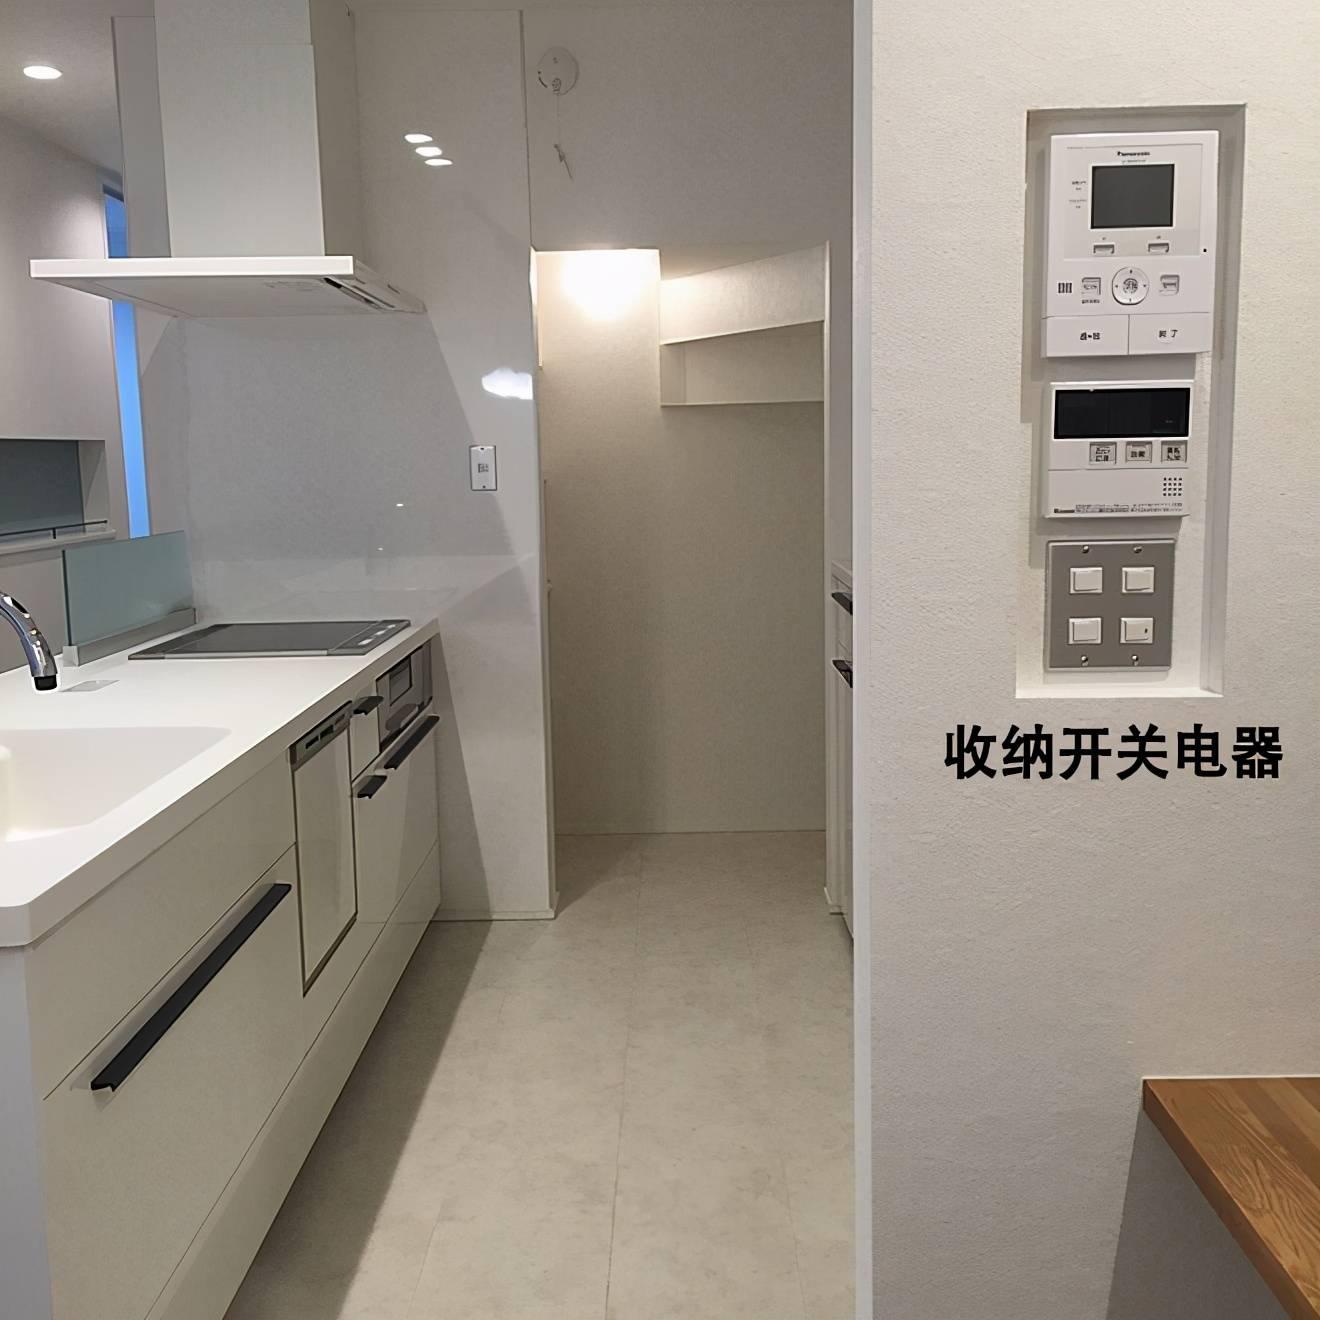 """日本人的""""变态""""收纳术,把墙打薄8公分做收纳,难怪国内比不过"""